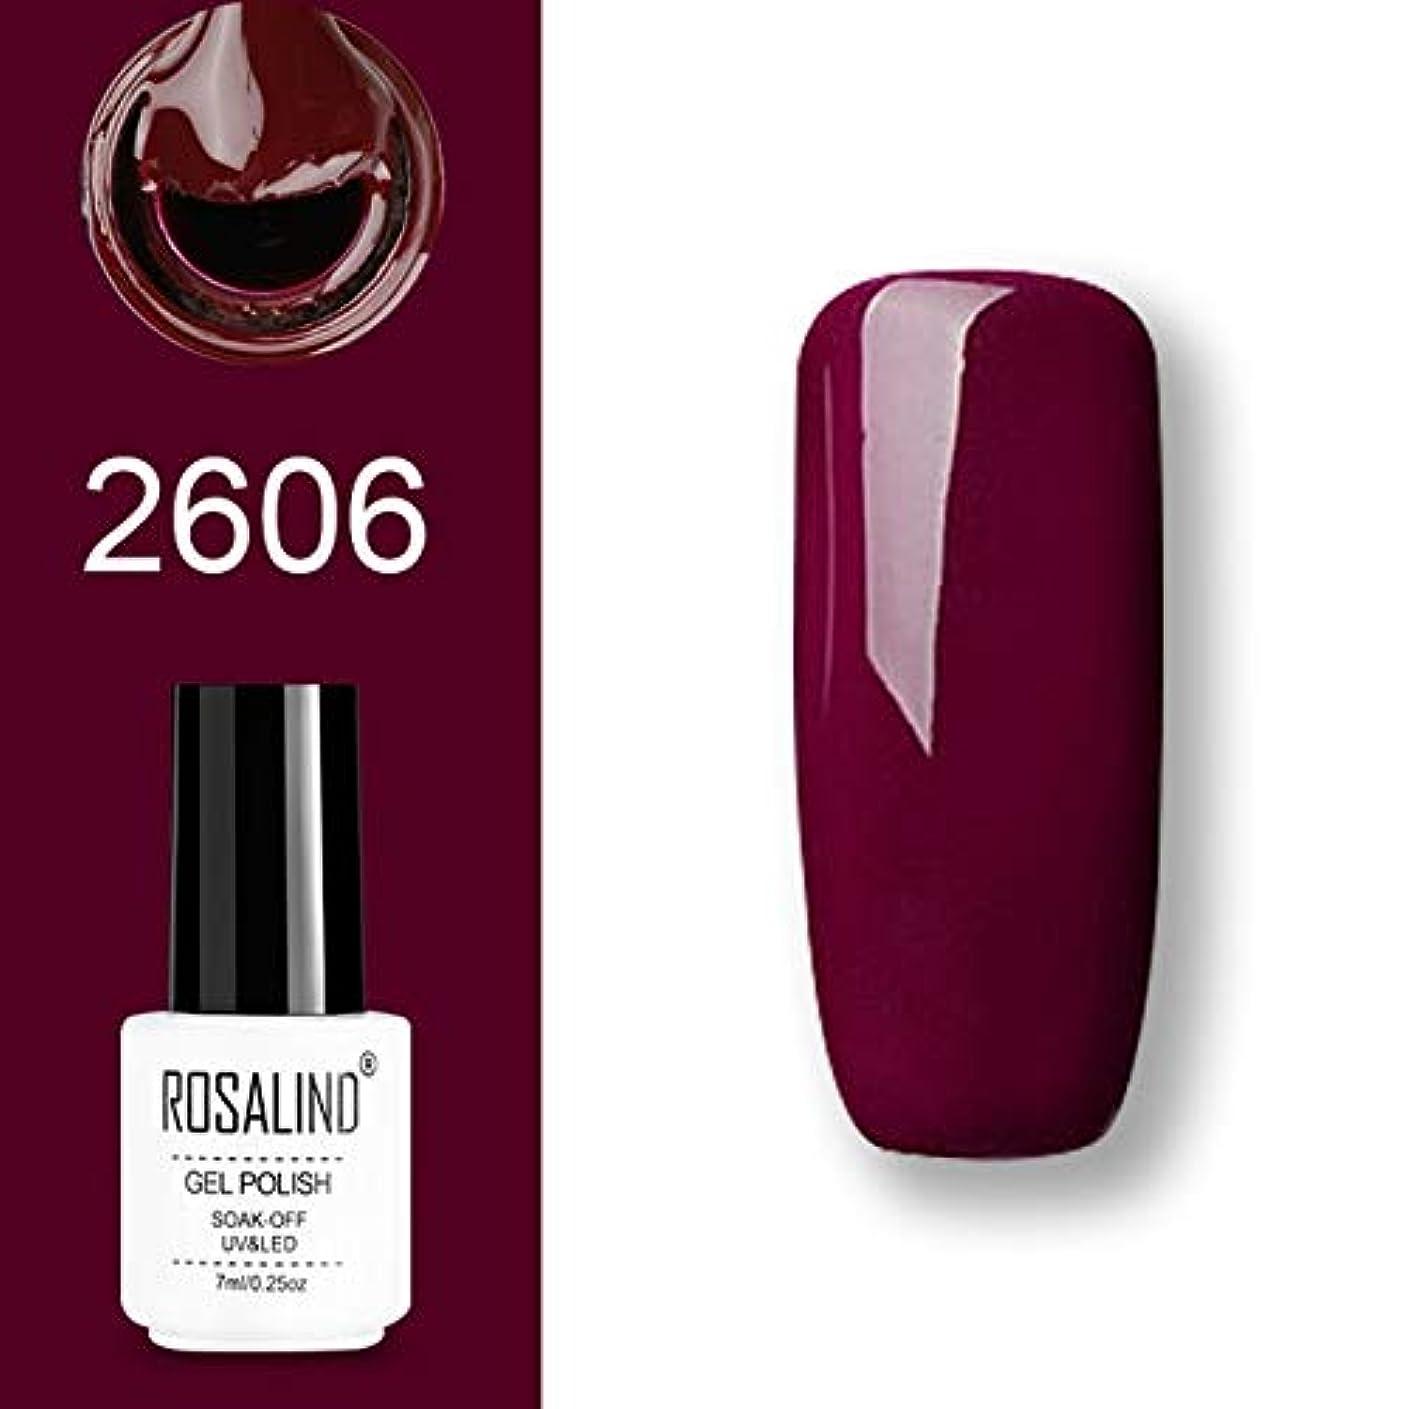 アソシエイトしなやかなセーブファッションアイテム ROSALINDジェルポリッシュセットUVセミパーマネントプライマートップコートポリジェルニスネイルアートマニキュアジェル、容量:7ml 2606。 環境に優しいマニキュア